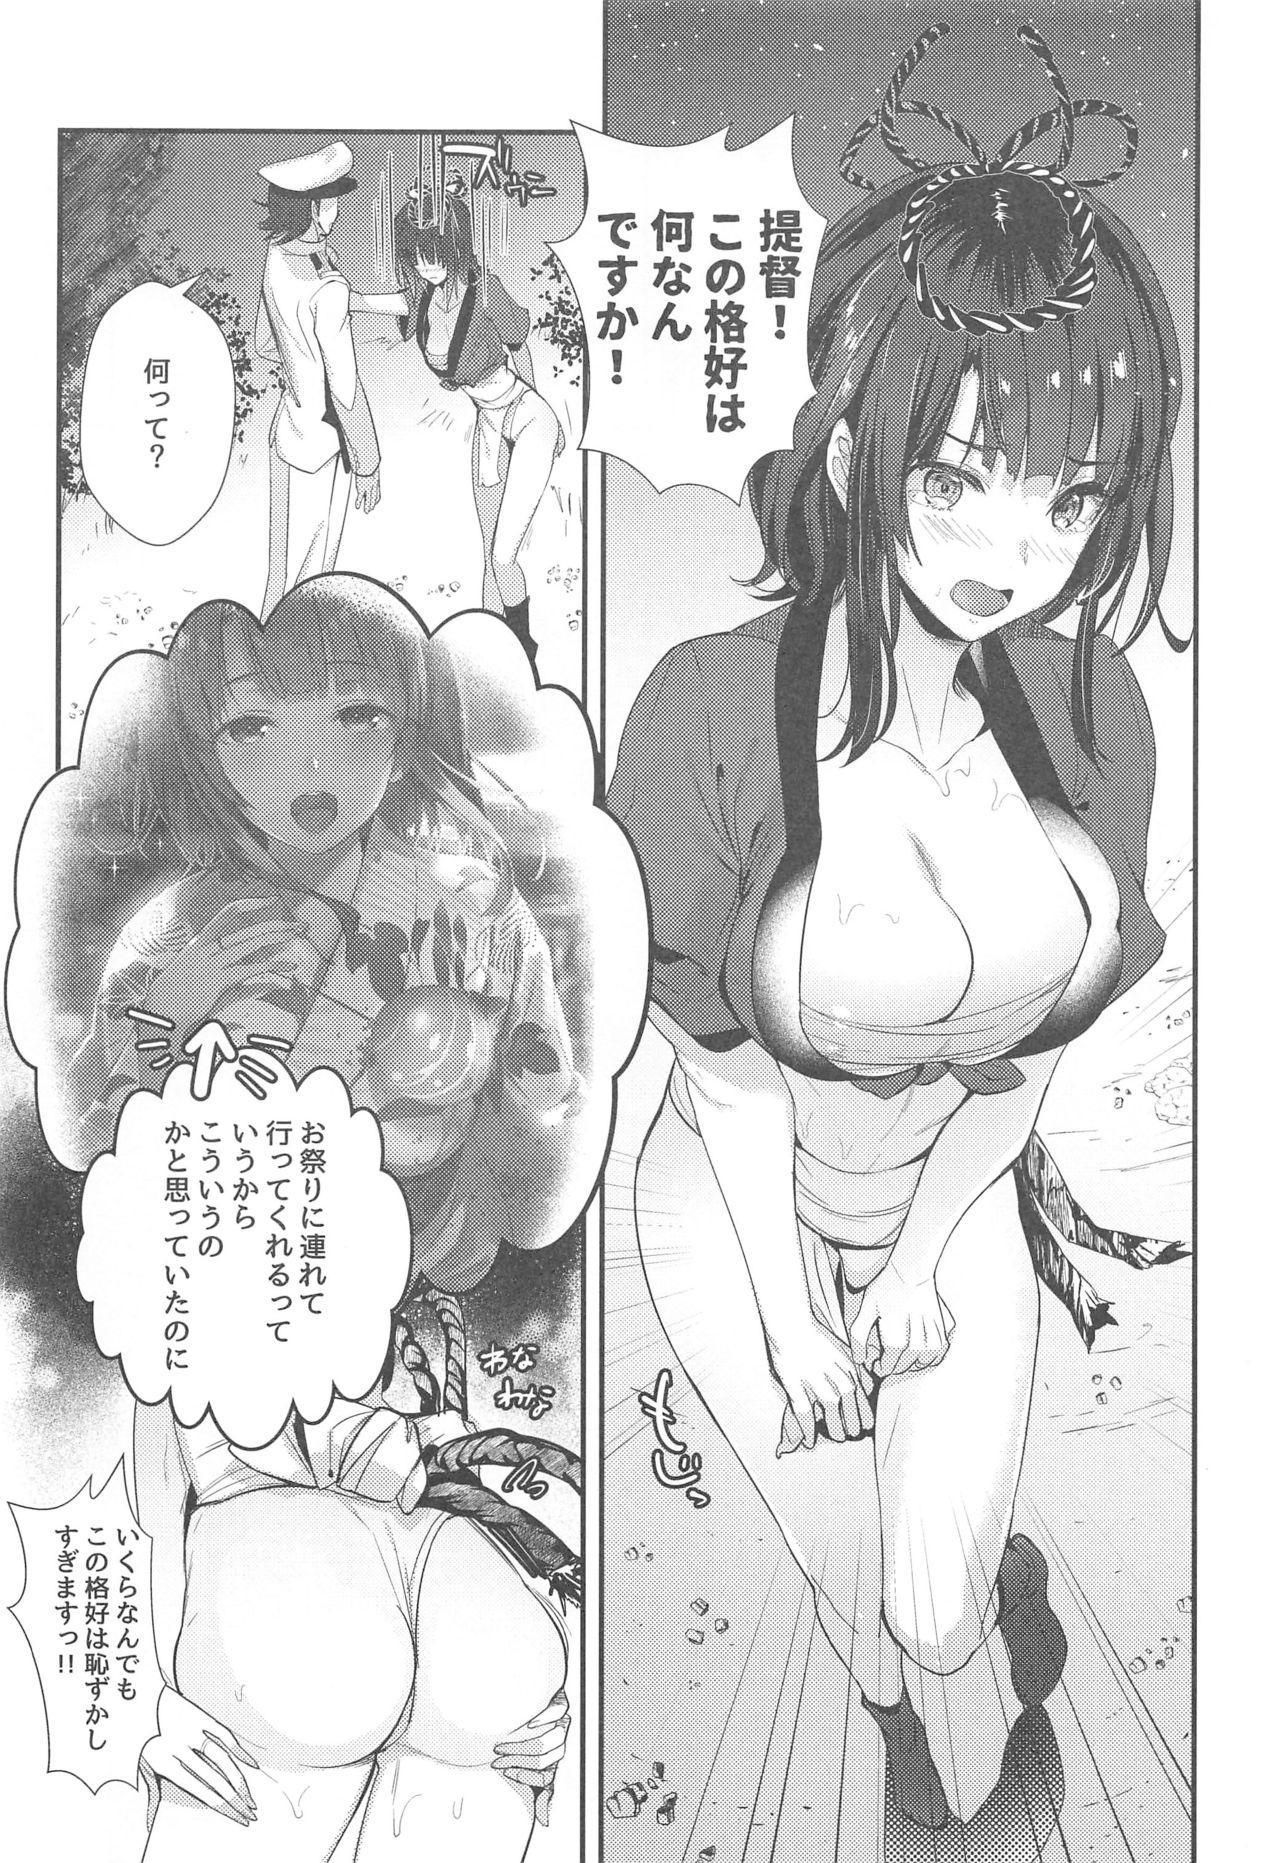 Mugen Houyou Takao - Takao meets Takao 1